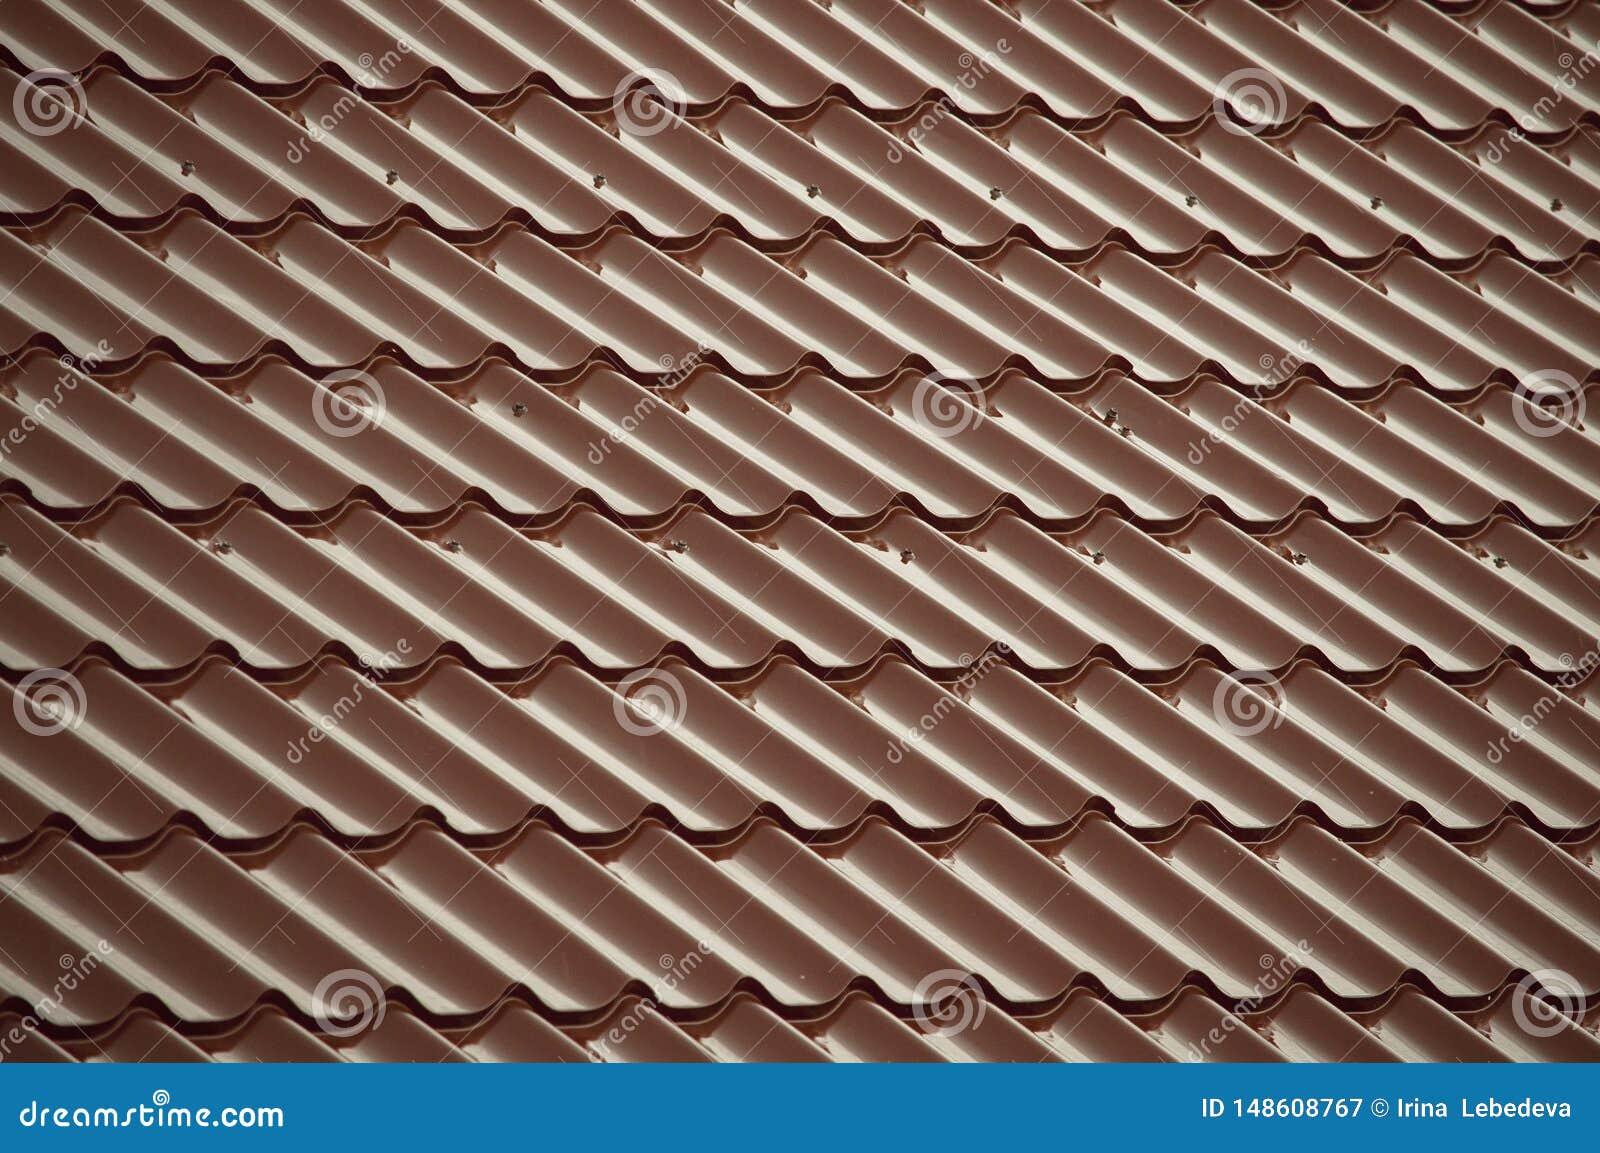 Rode tegels die het dak behandelen